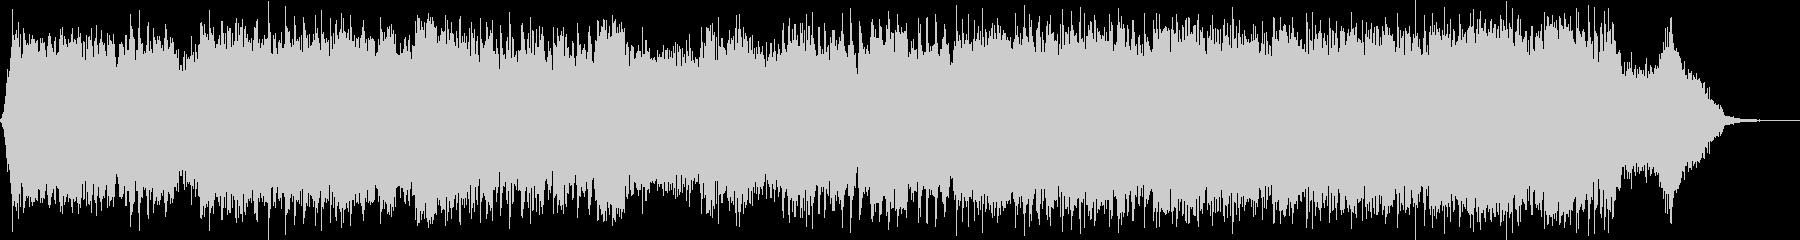 ダークファンタジーオーケストラ戦闘曲59の未再生の波形